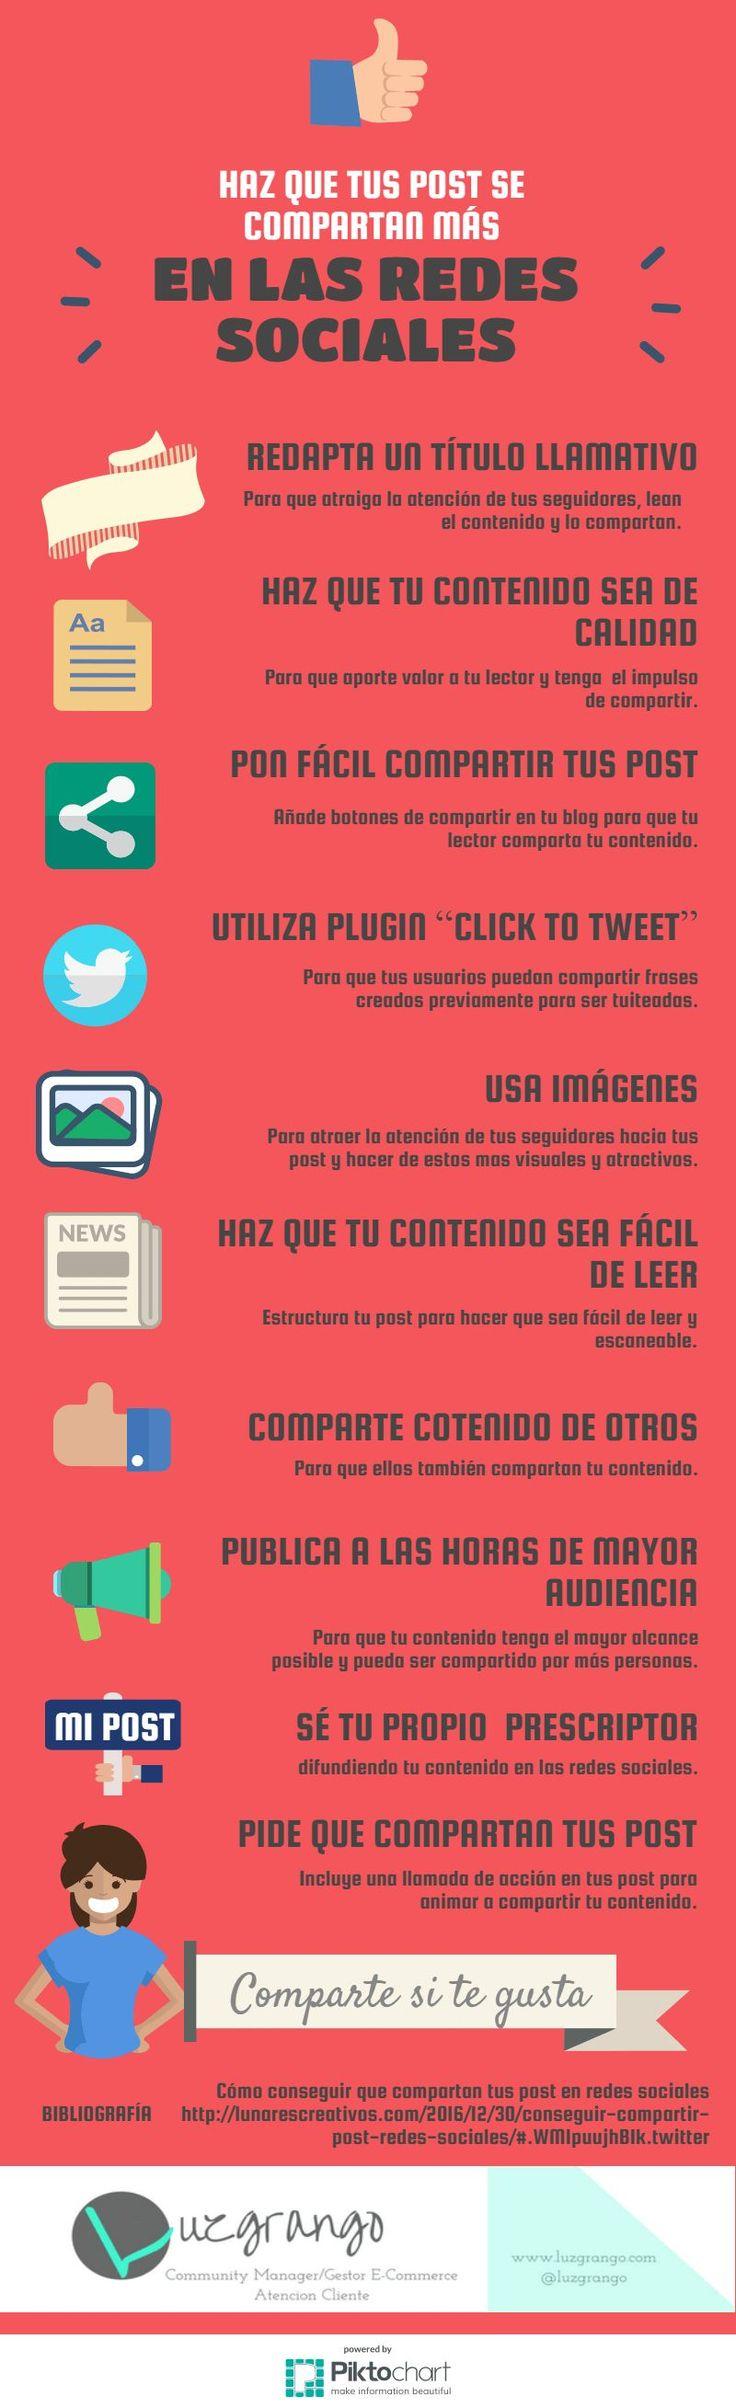 Estos son los 10 consejos que debes seguir para hacer más virales tus publicaciones en las Redes Sociales. ¿Quieres descubrirlos?